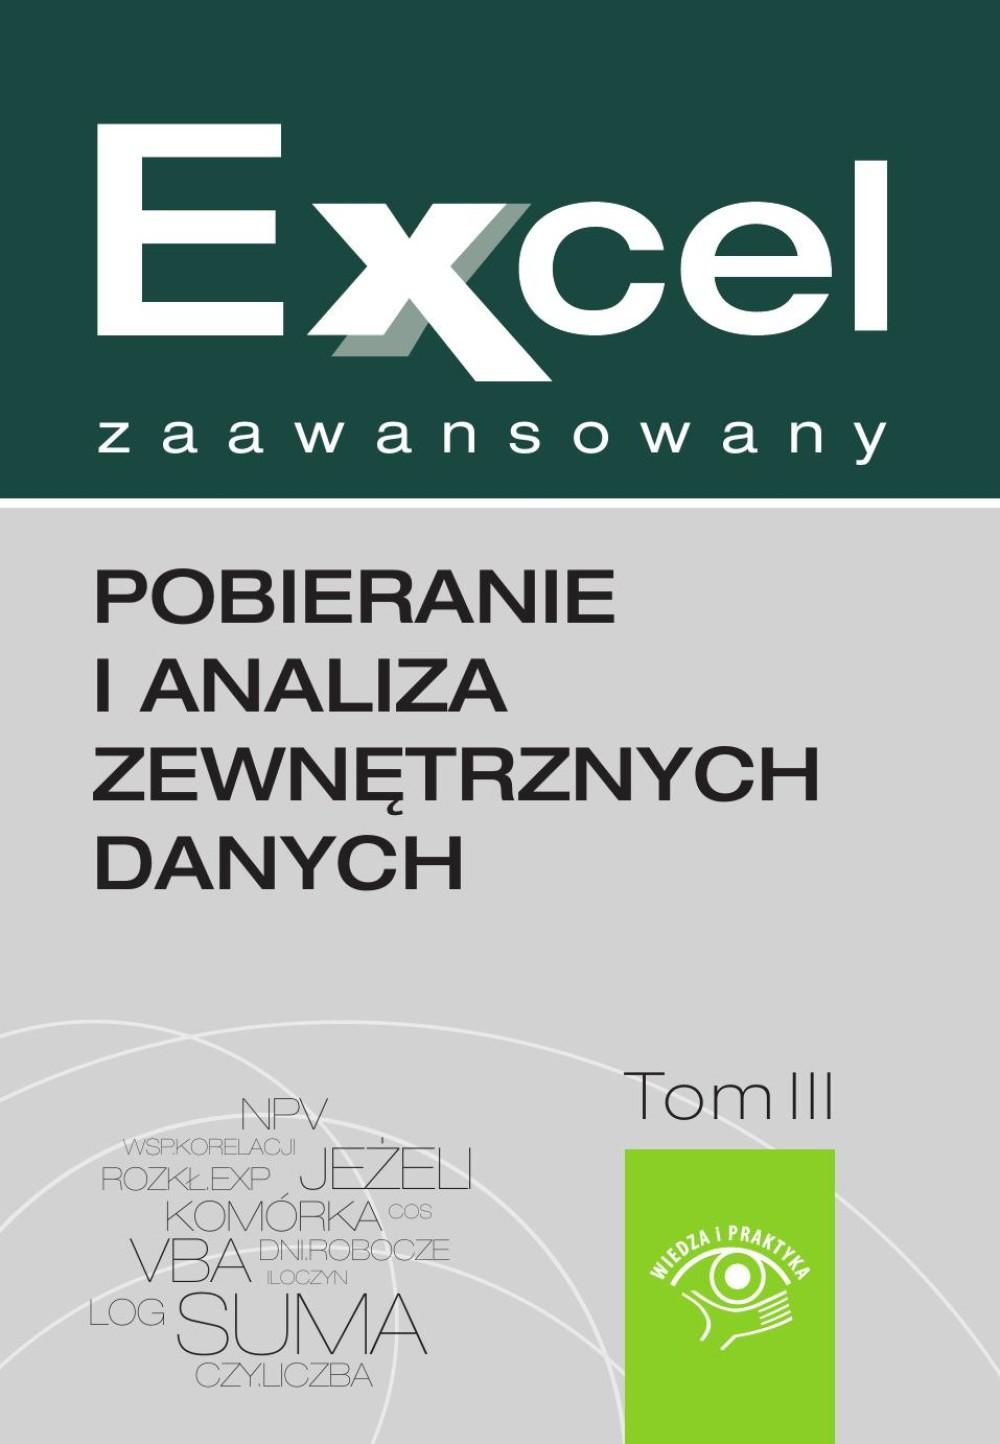 Excel zaawansowany - ScoreCard - zarządzanie procesami biznesowymi z użyciem Excela ebook